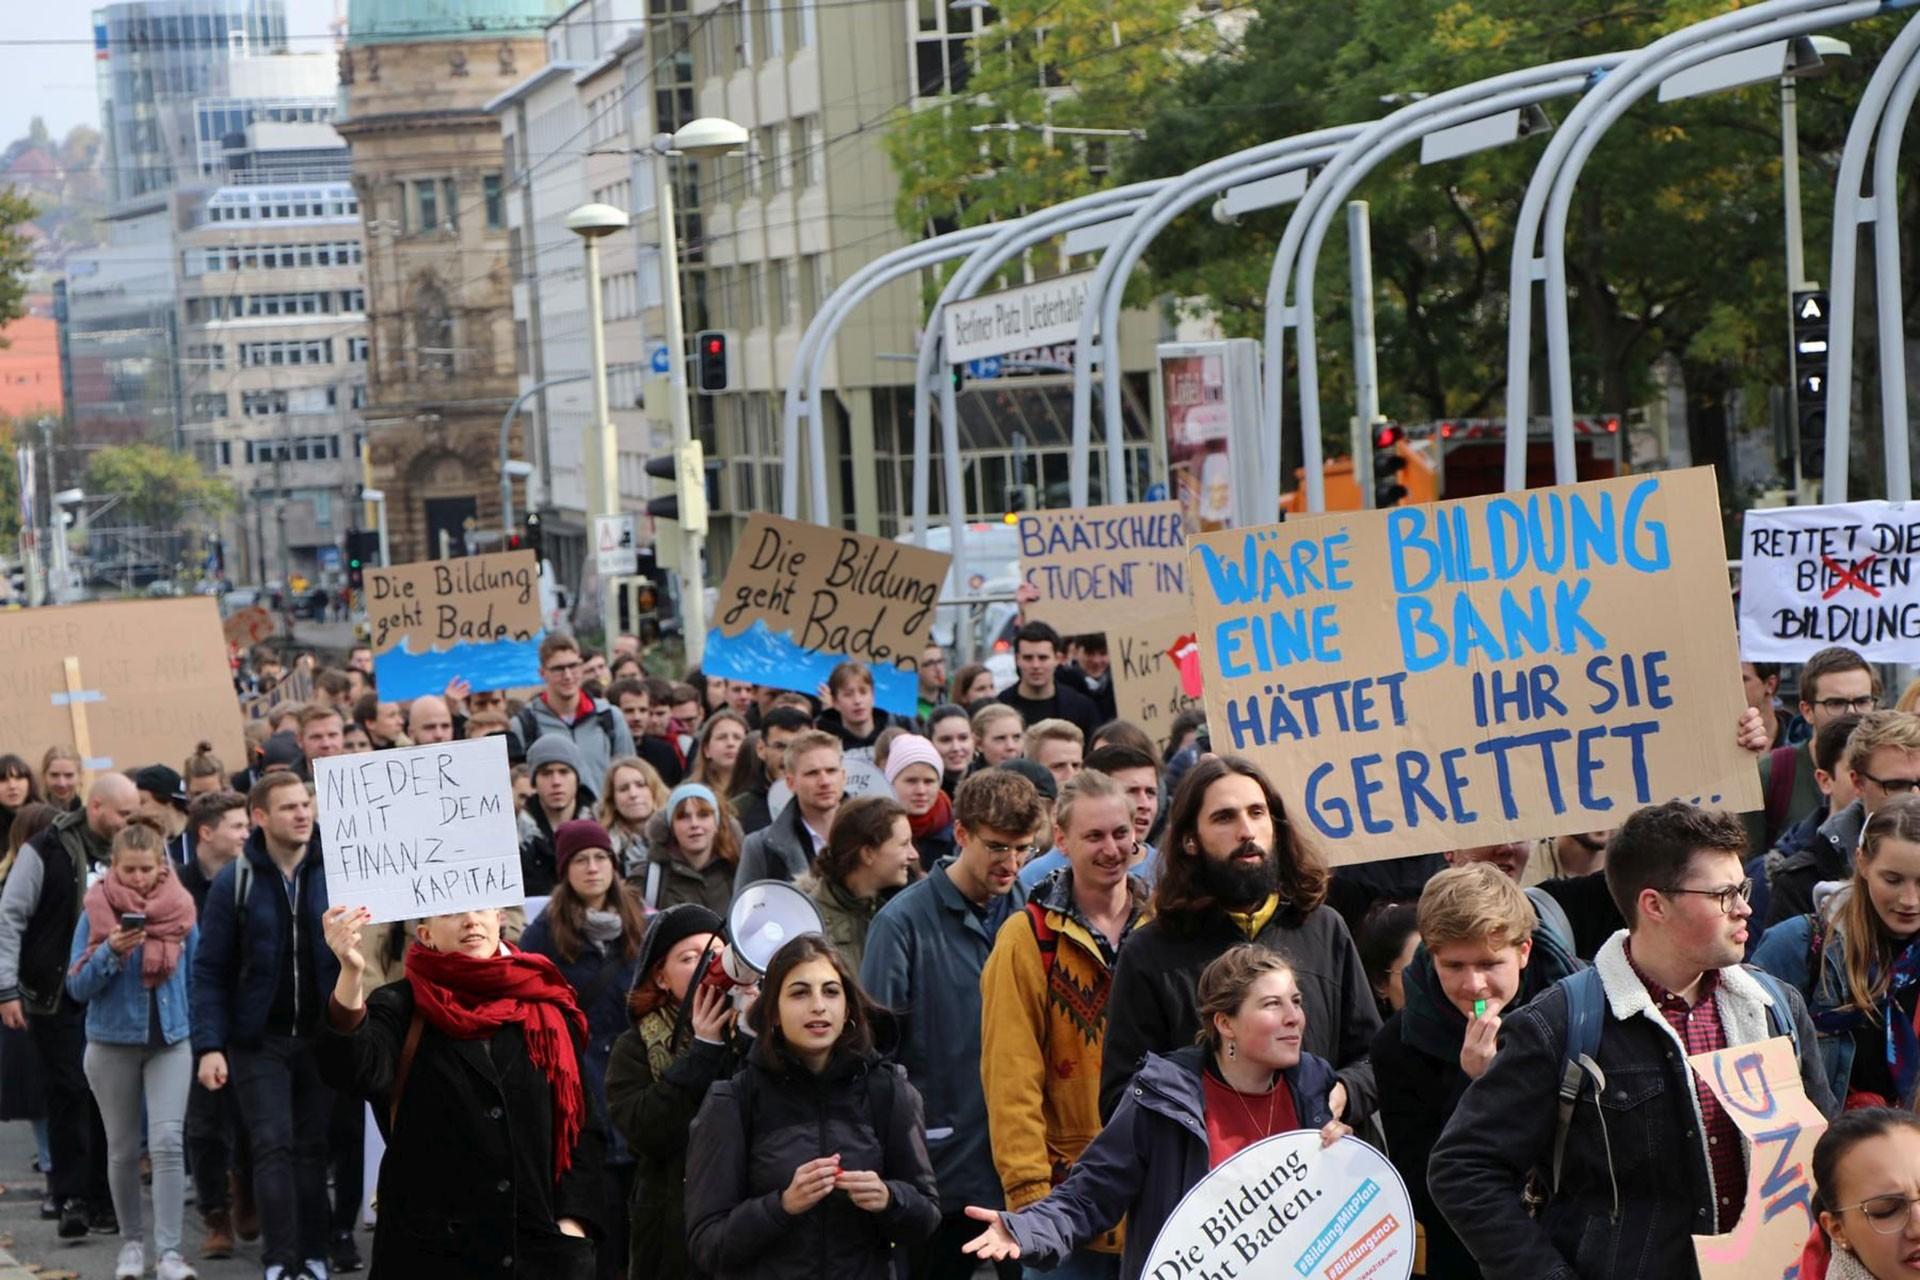 Almanya'da binlerce üniversite öğrencisi eğitim sistemini protesto etti